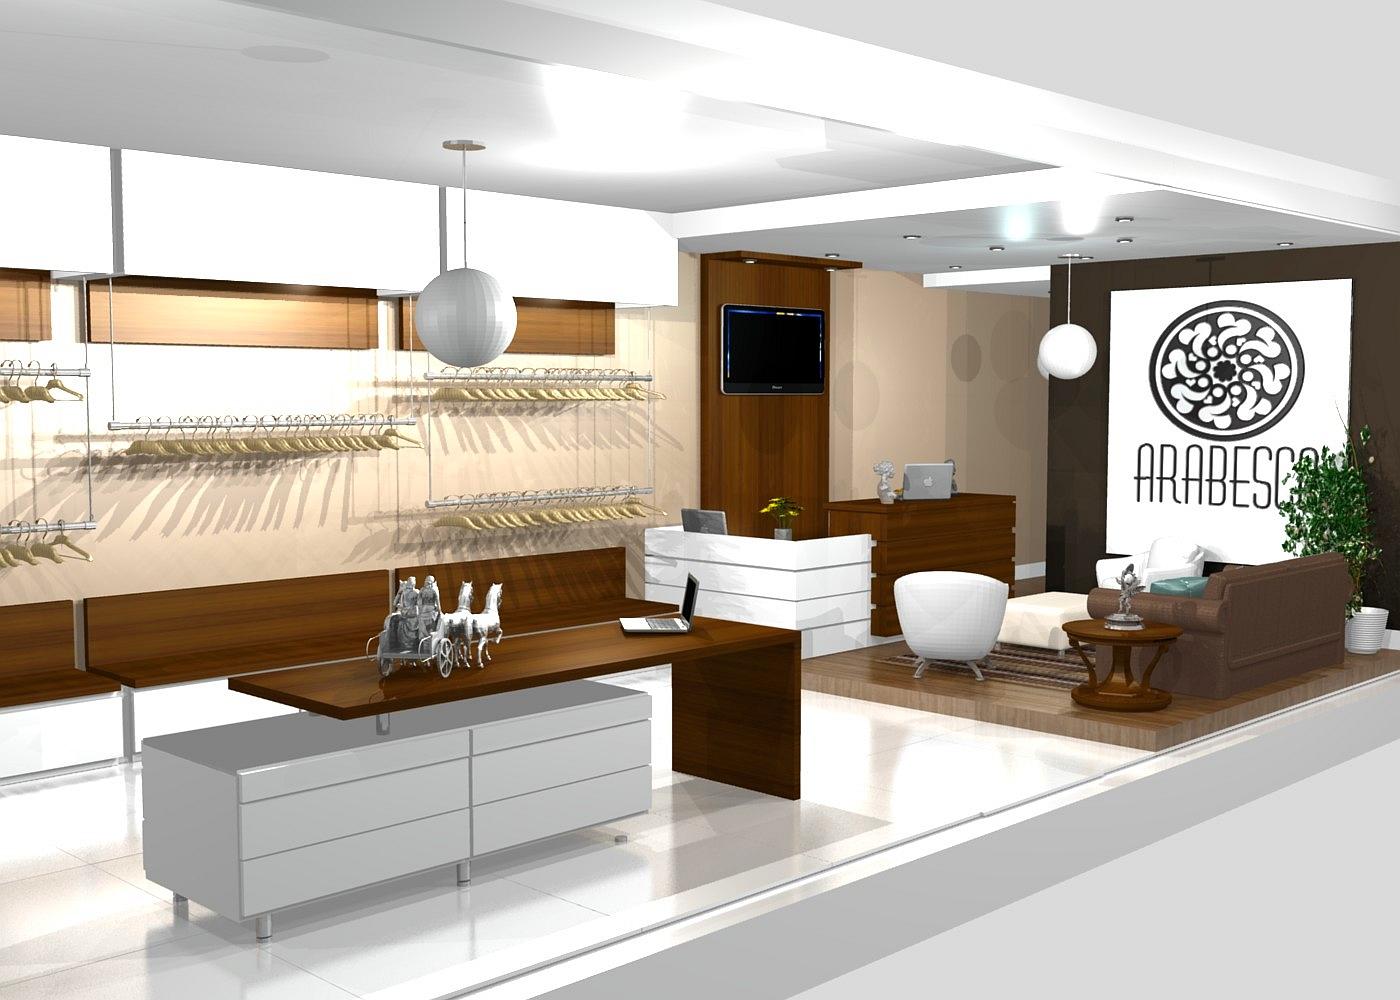 #603D1A  DE CORRER HOME THEATER CLOSET ARMÁRIOS COZINHAS ESCRITÓRIOS BEBE 1400x1000 px Projetos De Cozinhas Para Bar #641 imagens